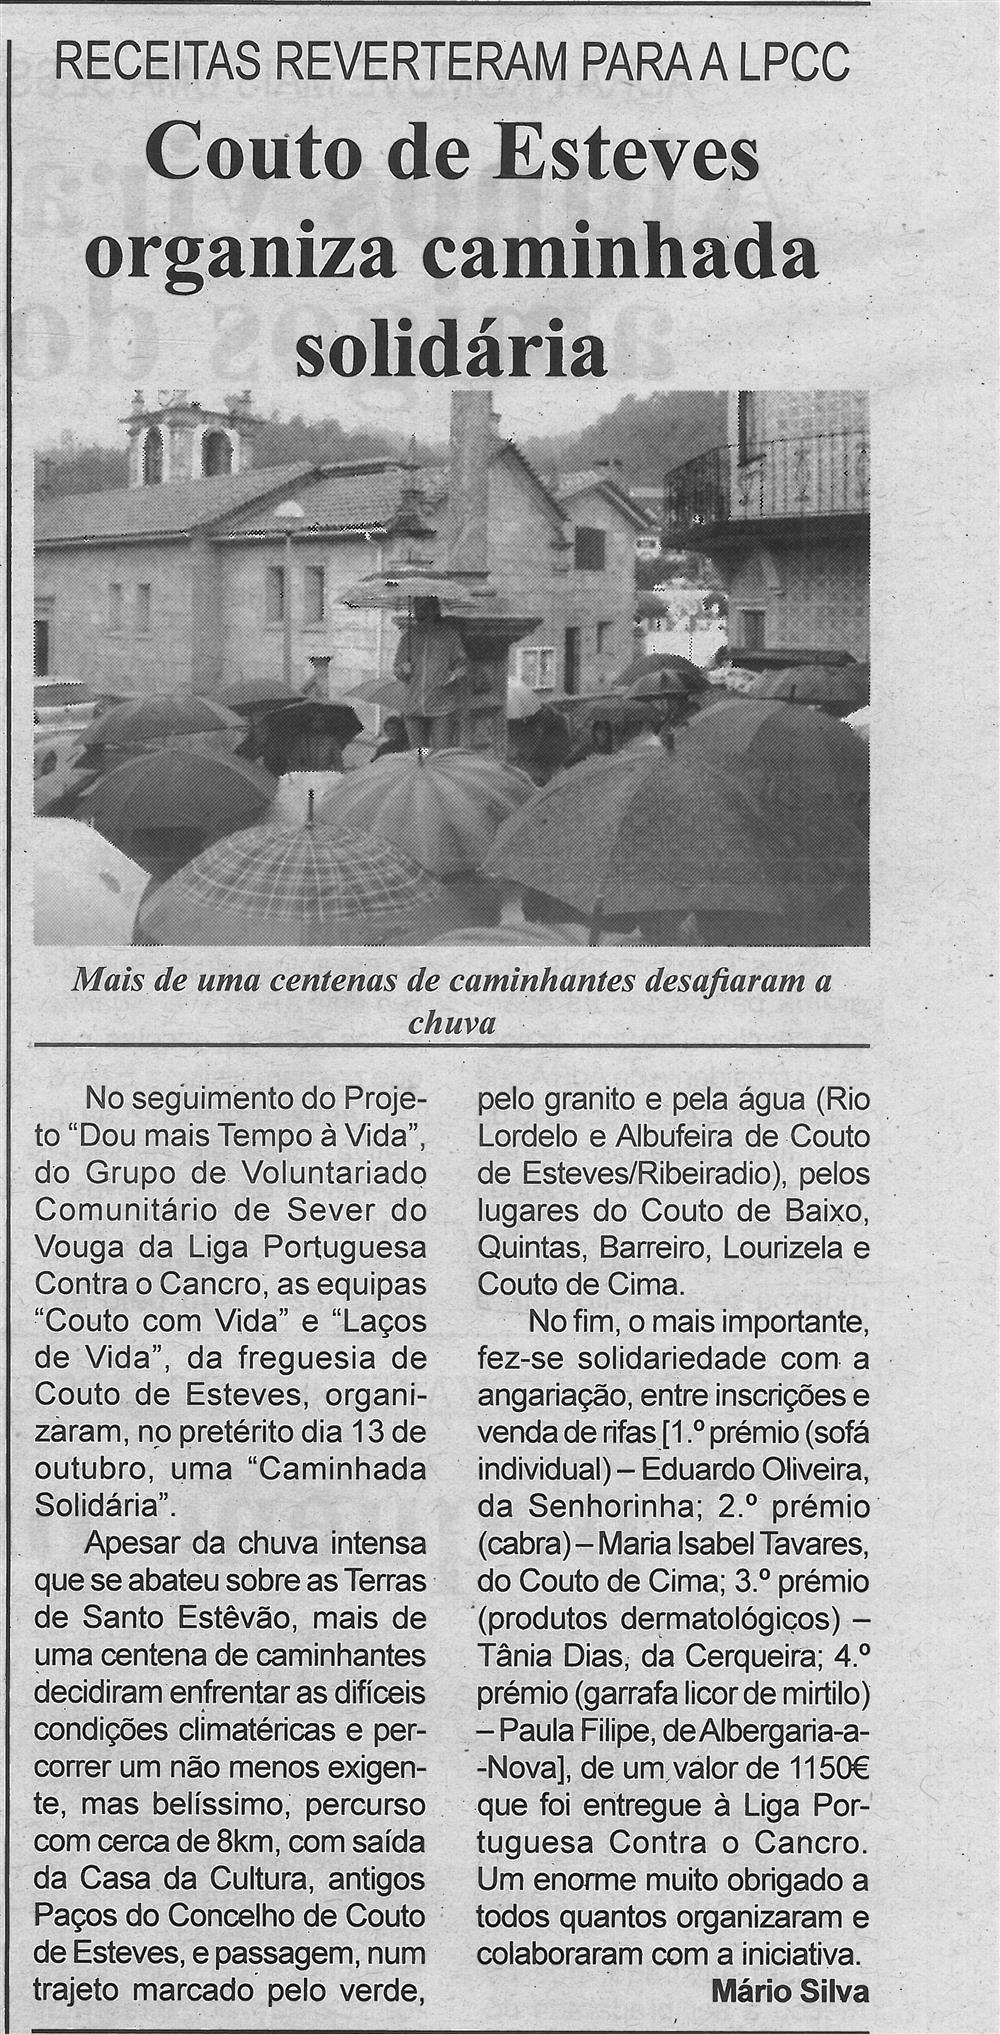 BV-1.ªnov.'19-p.5-Couto de Esteves organiza caminhada solidária : receitas reverteram para a LPCC.jpg